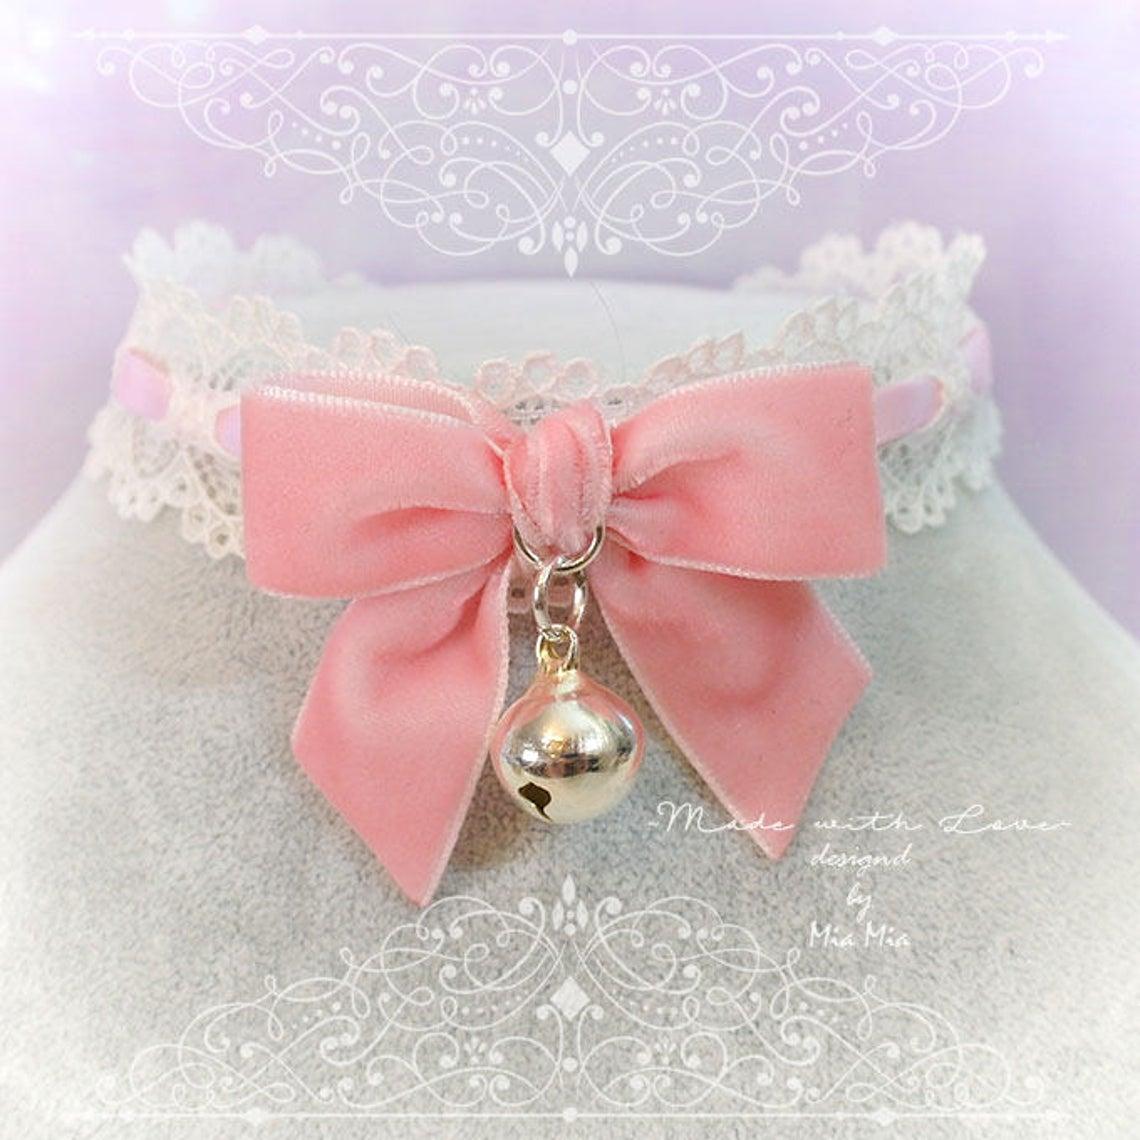 velvet choker necklace satin velvet kitten play collar ddlg collar lolita princess collar day collar kawaii bell choker kittenplay collar G1